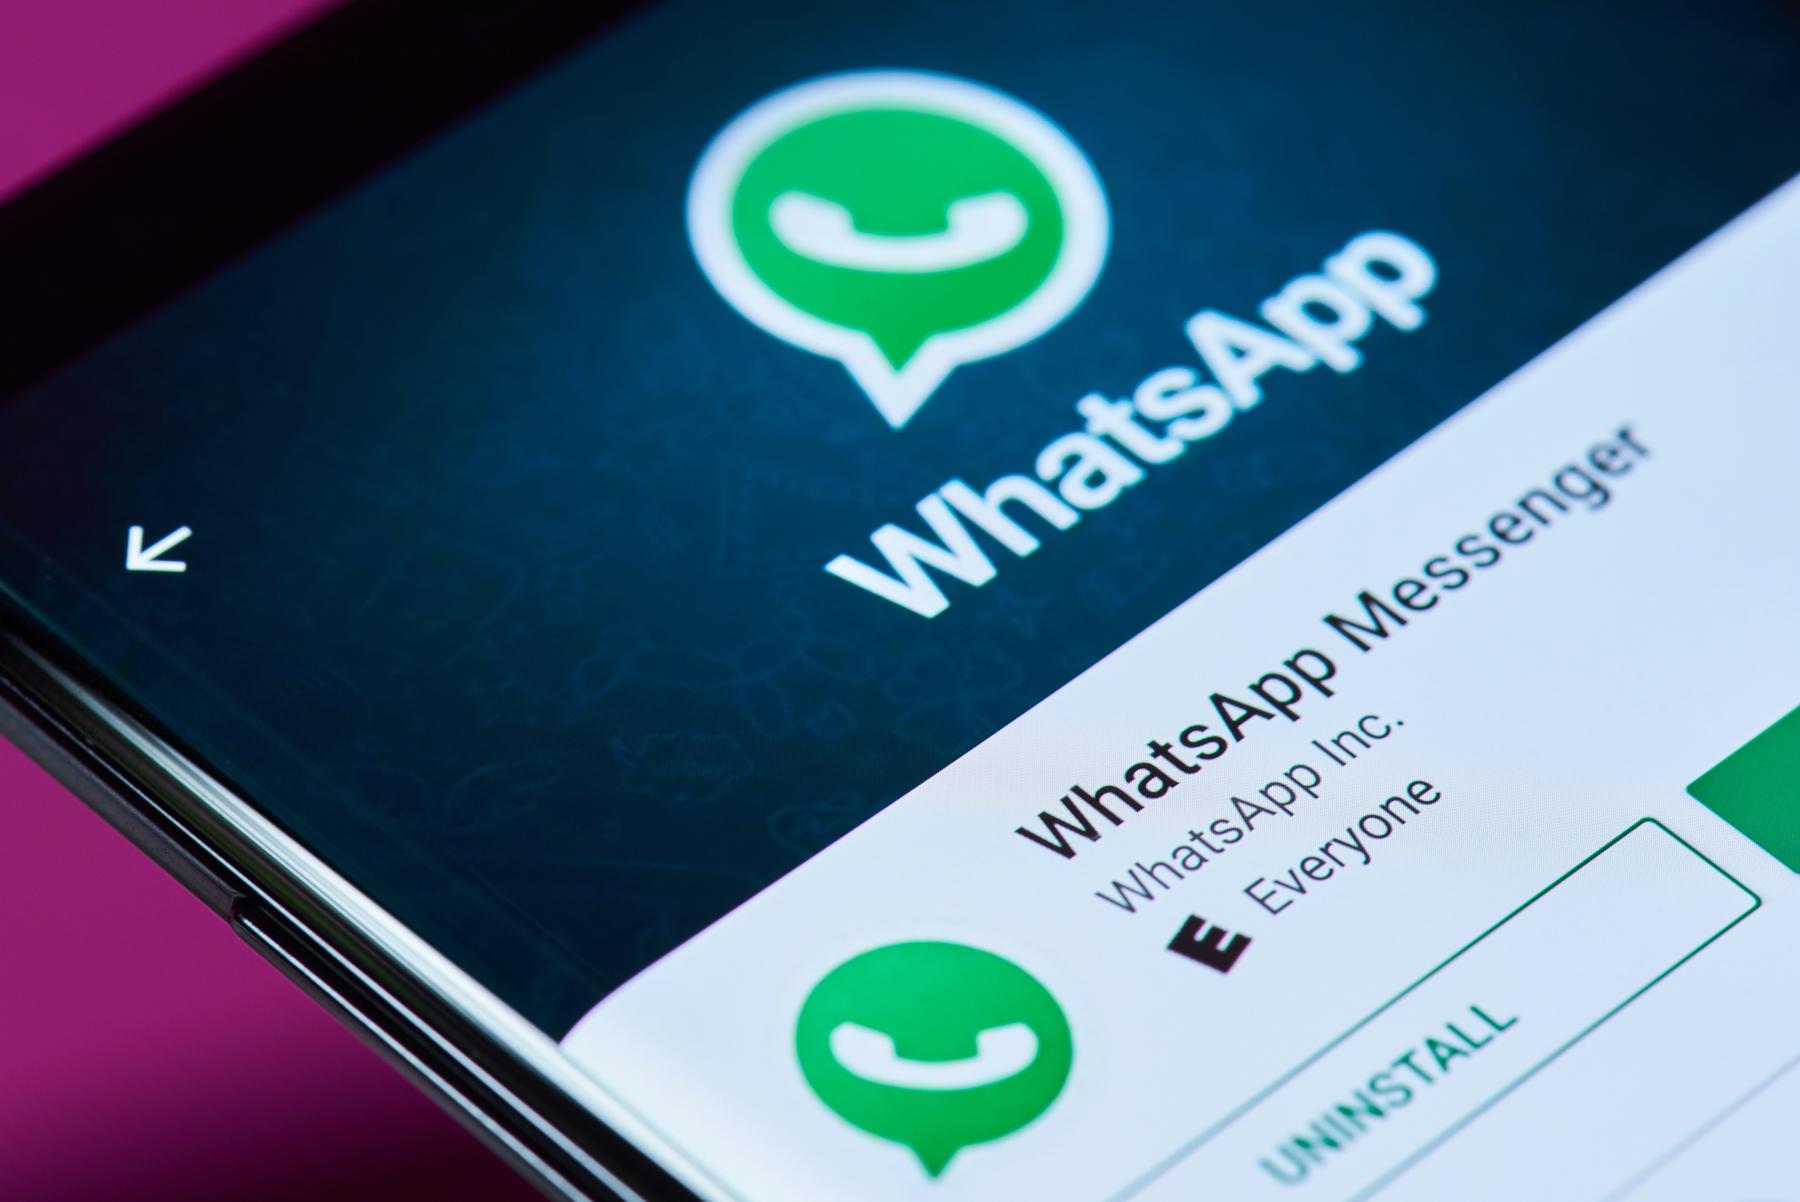 Kundenservice verbessern mit WhatsApp